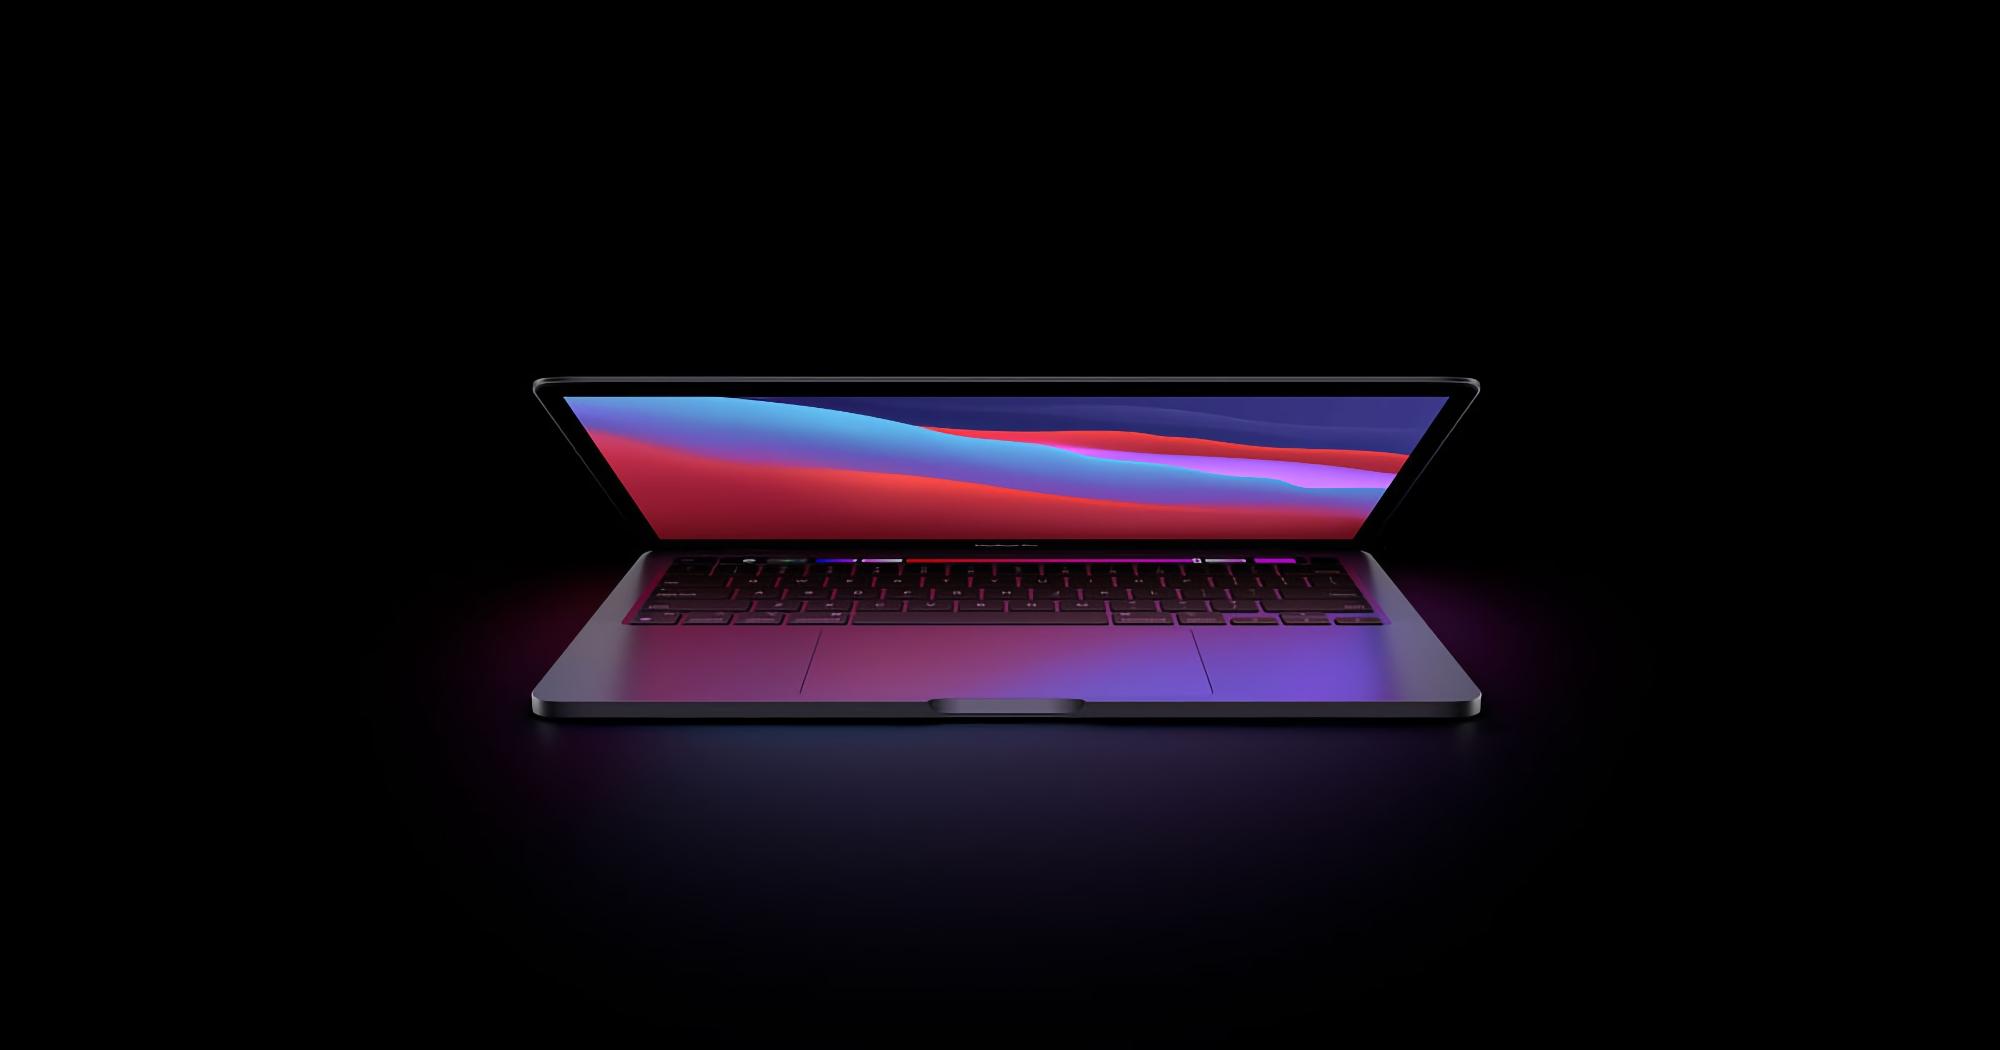 Марк Гурман: Apple представит 14 и 16 дюймовый MacBook Pro с чипом M1X в этом месяце